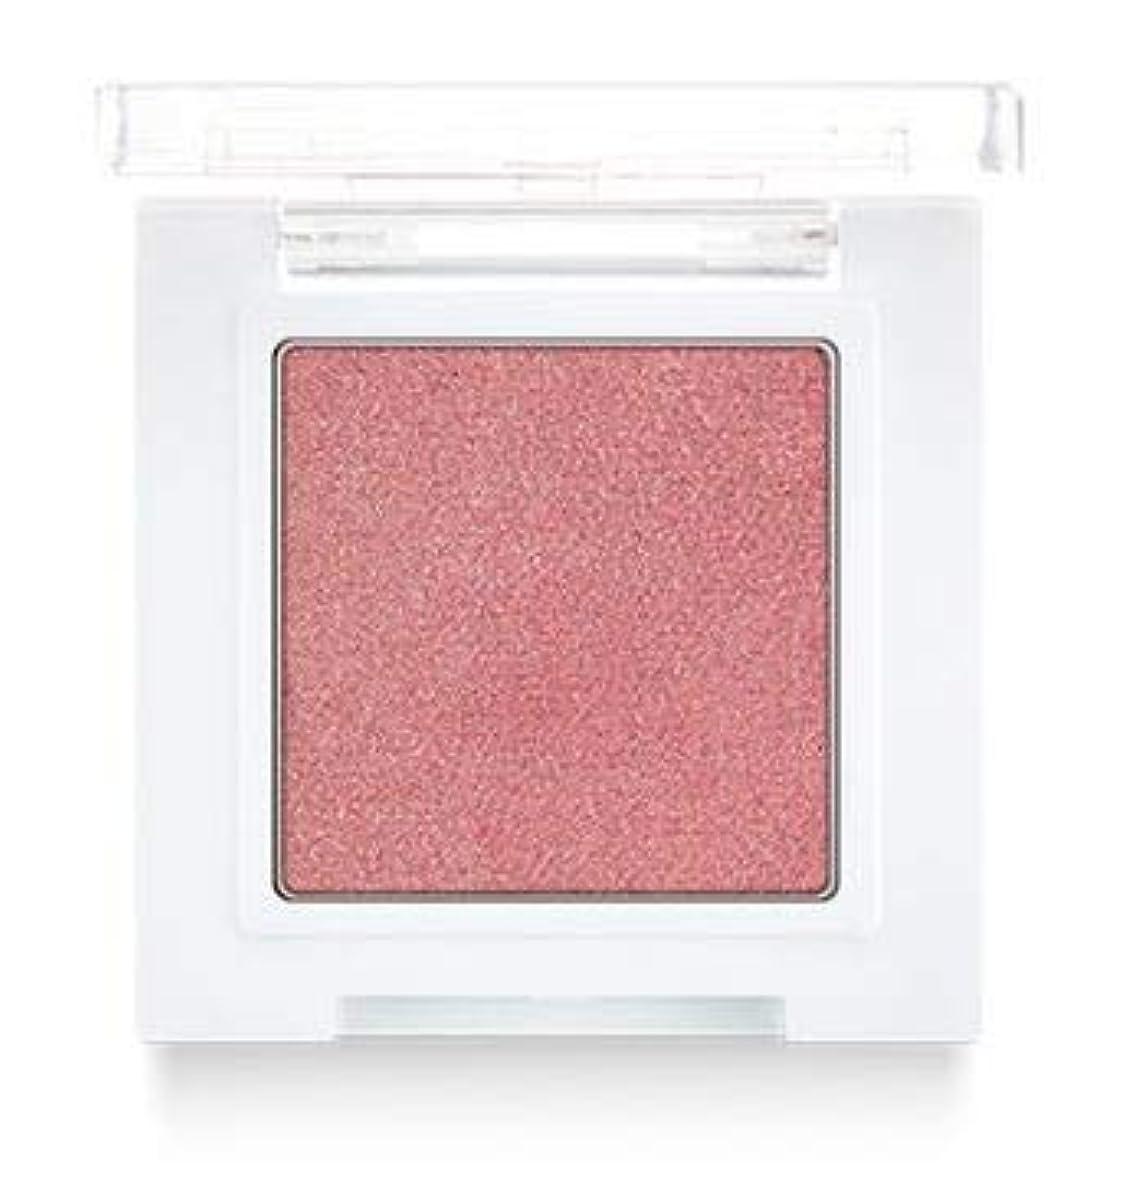 斧寝具非効率的な[BANILA CO] Eyecrush Shimmer Shadow 2.2g #SPK03 Marshmallow Pink / [バニラコ] アイクラッシュシマーシャドウ 2.2g #SPK03 マシュメロピンク...